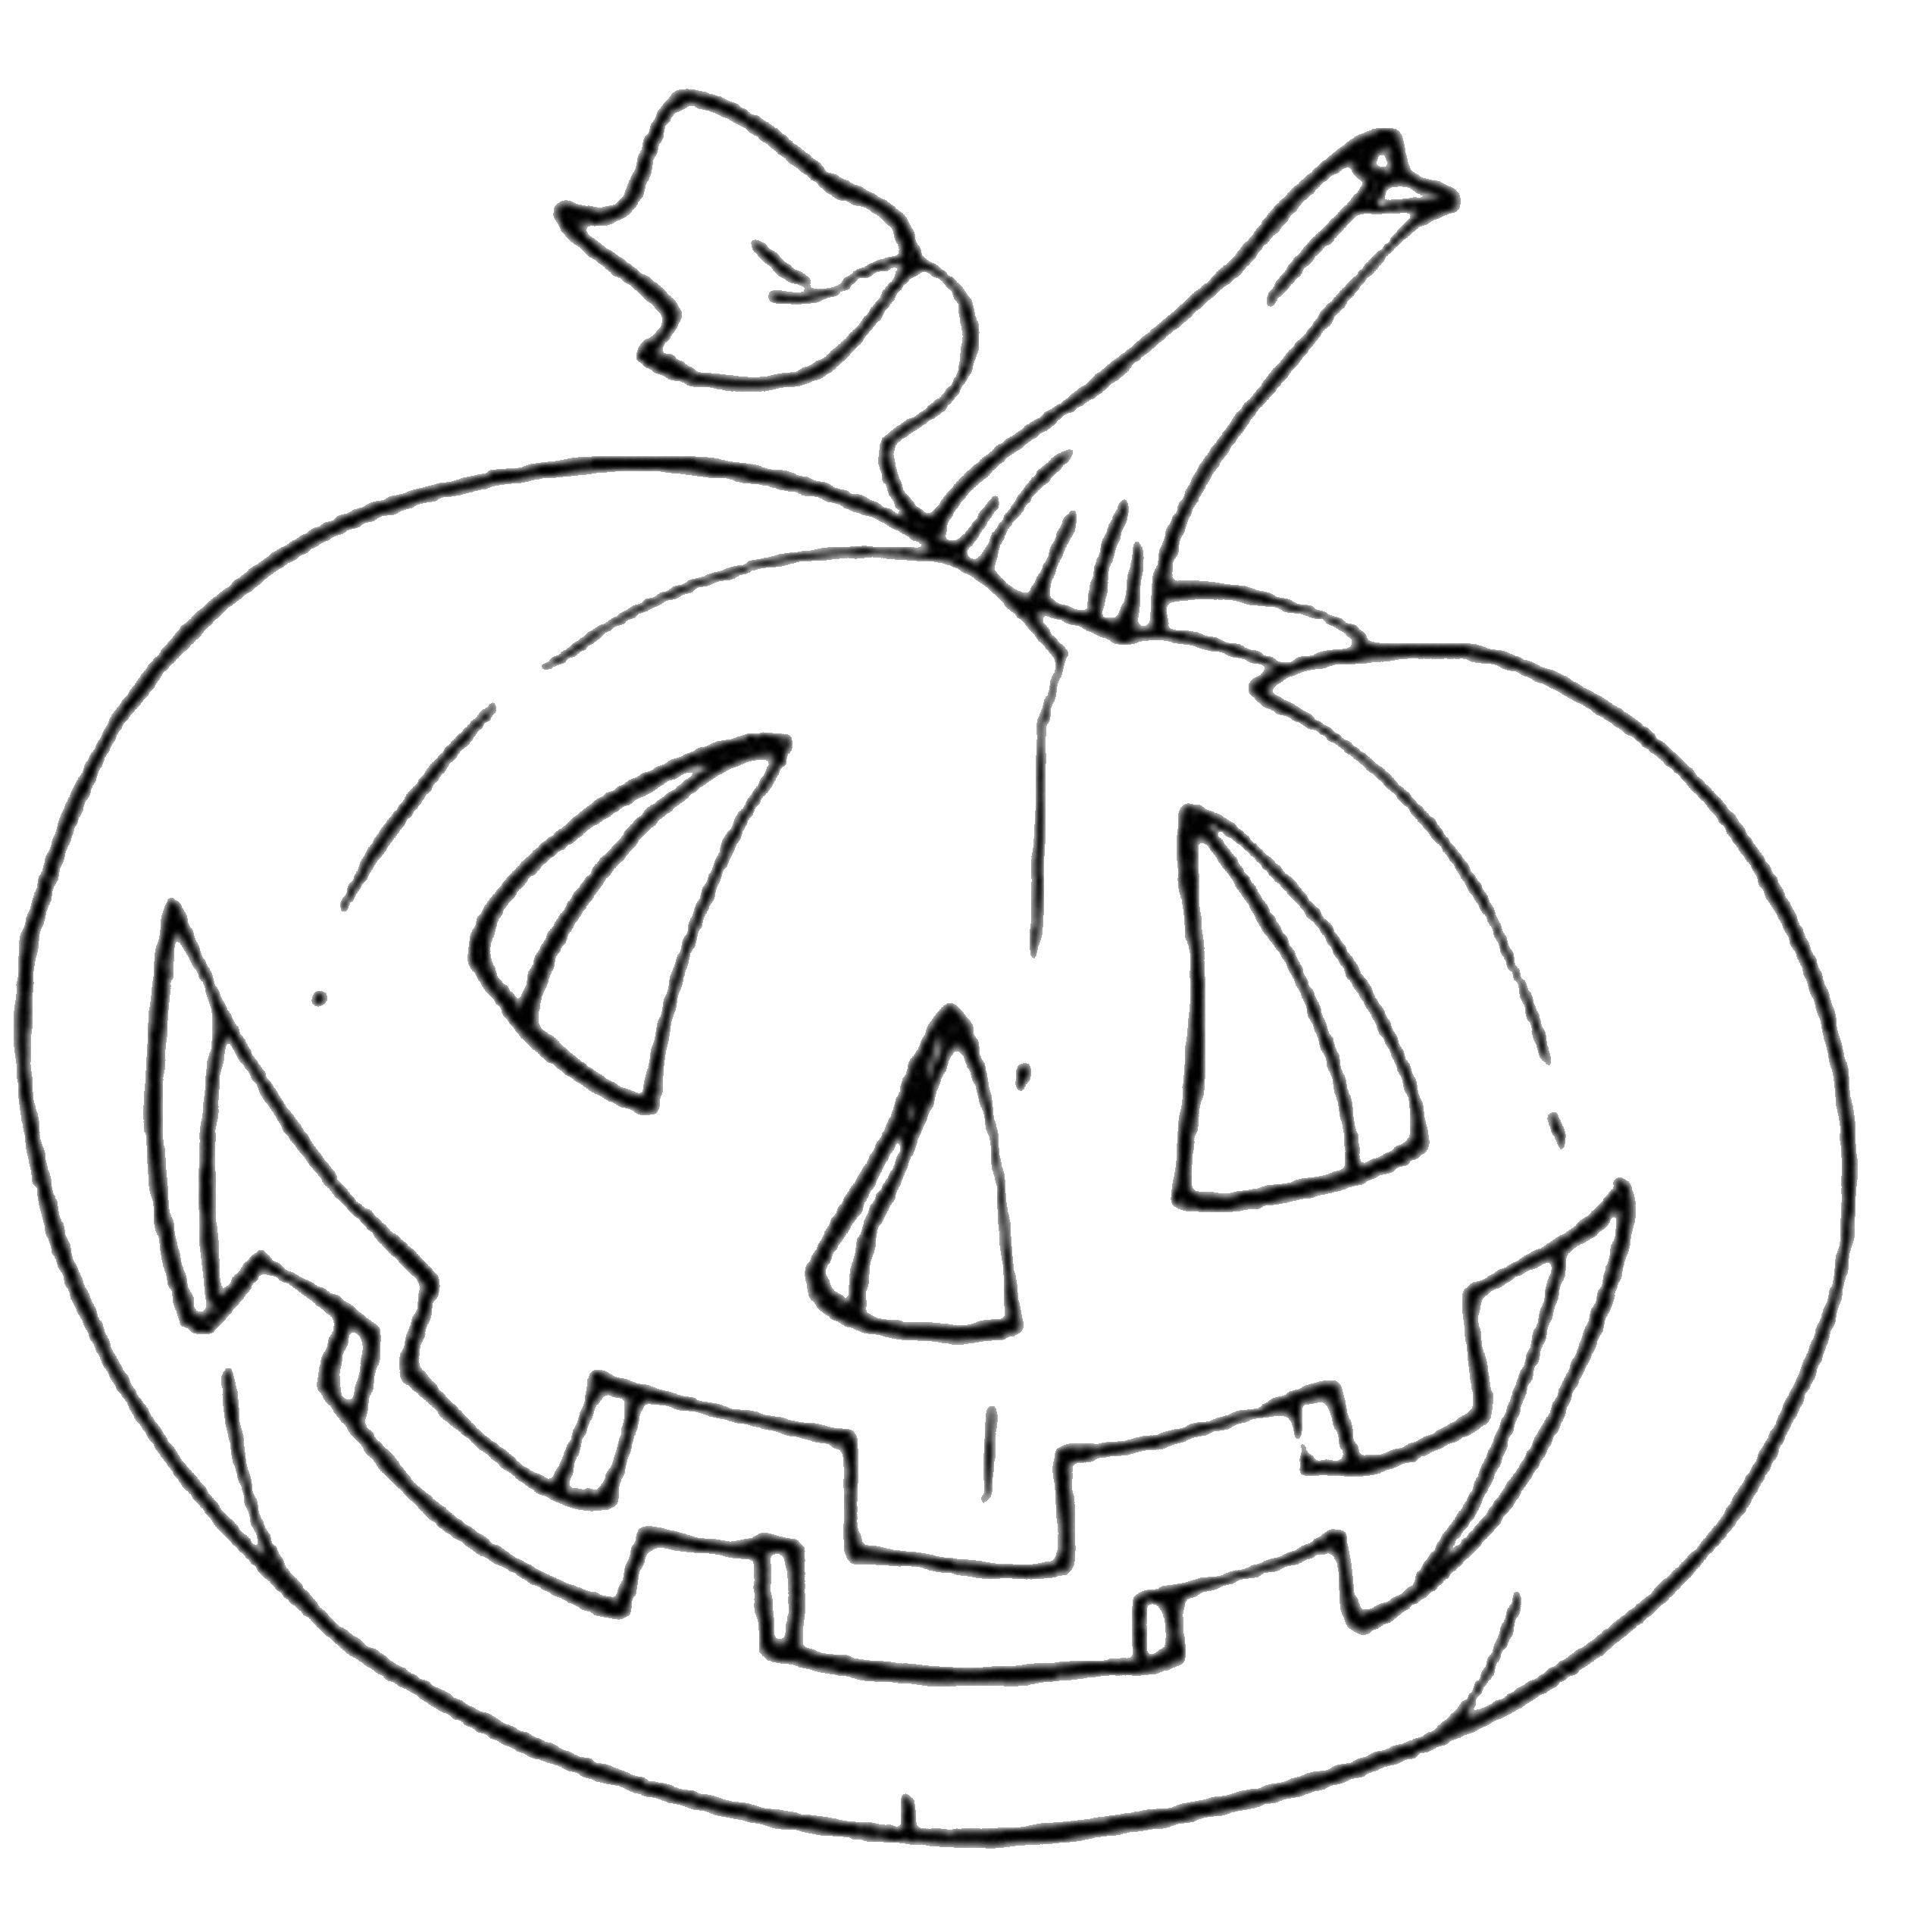 Раскраска тыква на хэллоуин Скачать ,тыквы, хэллоуин, праздник,.  Распечатать